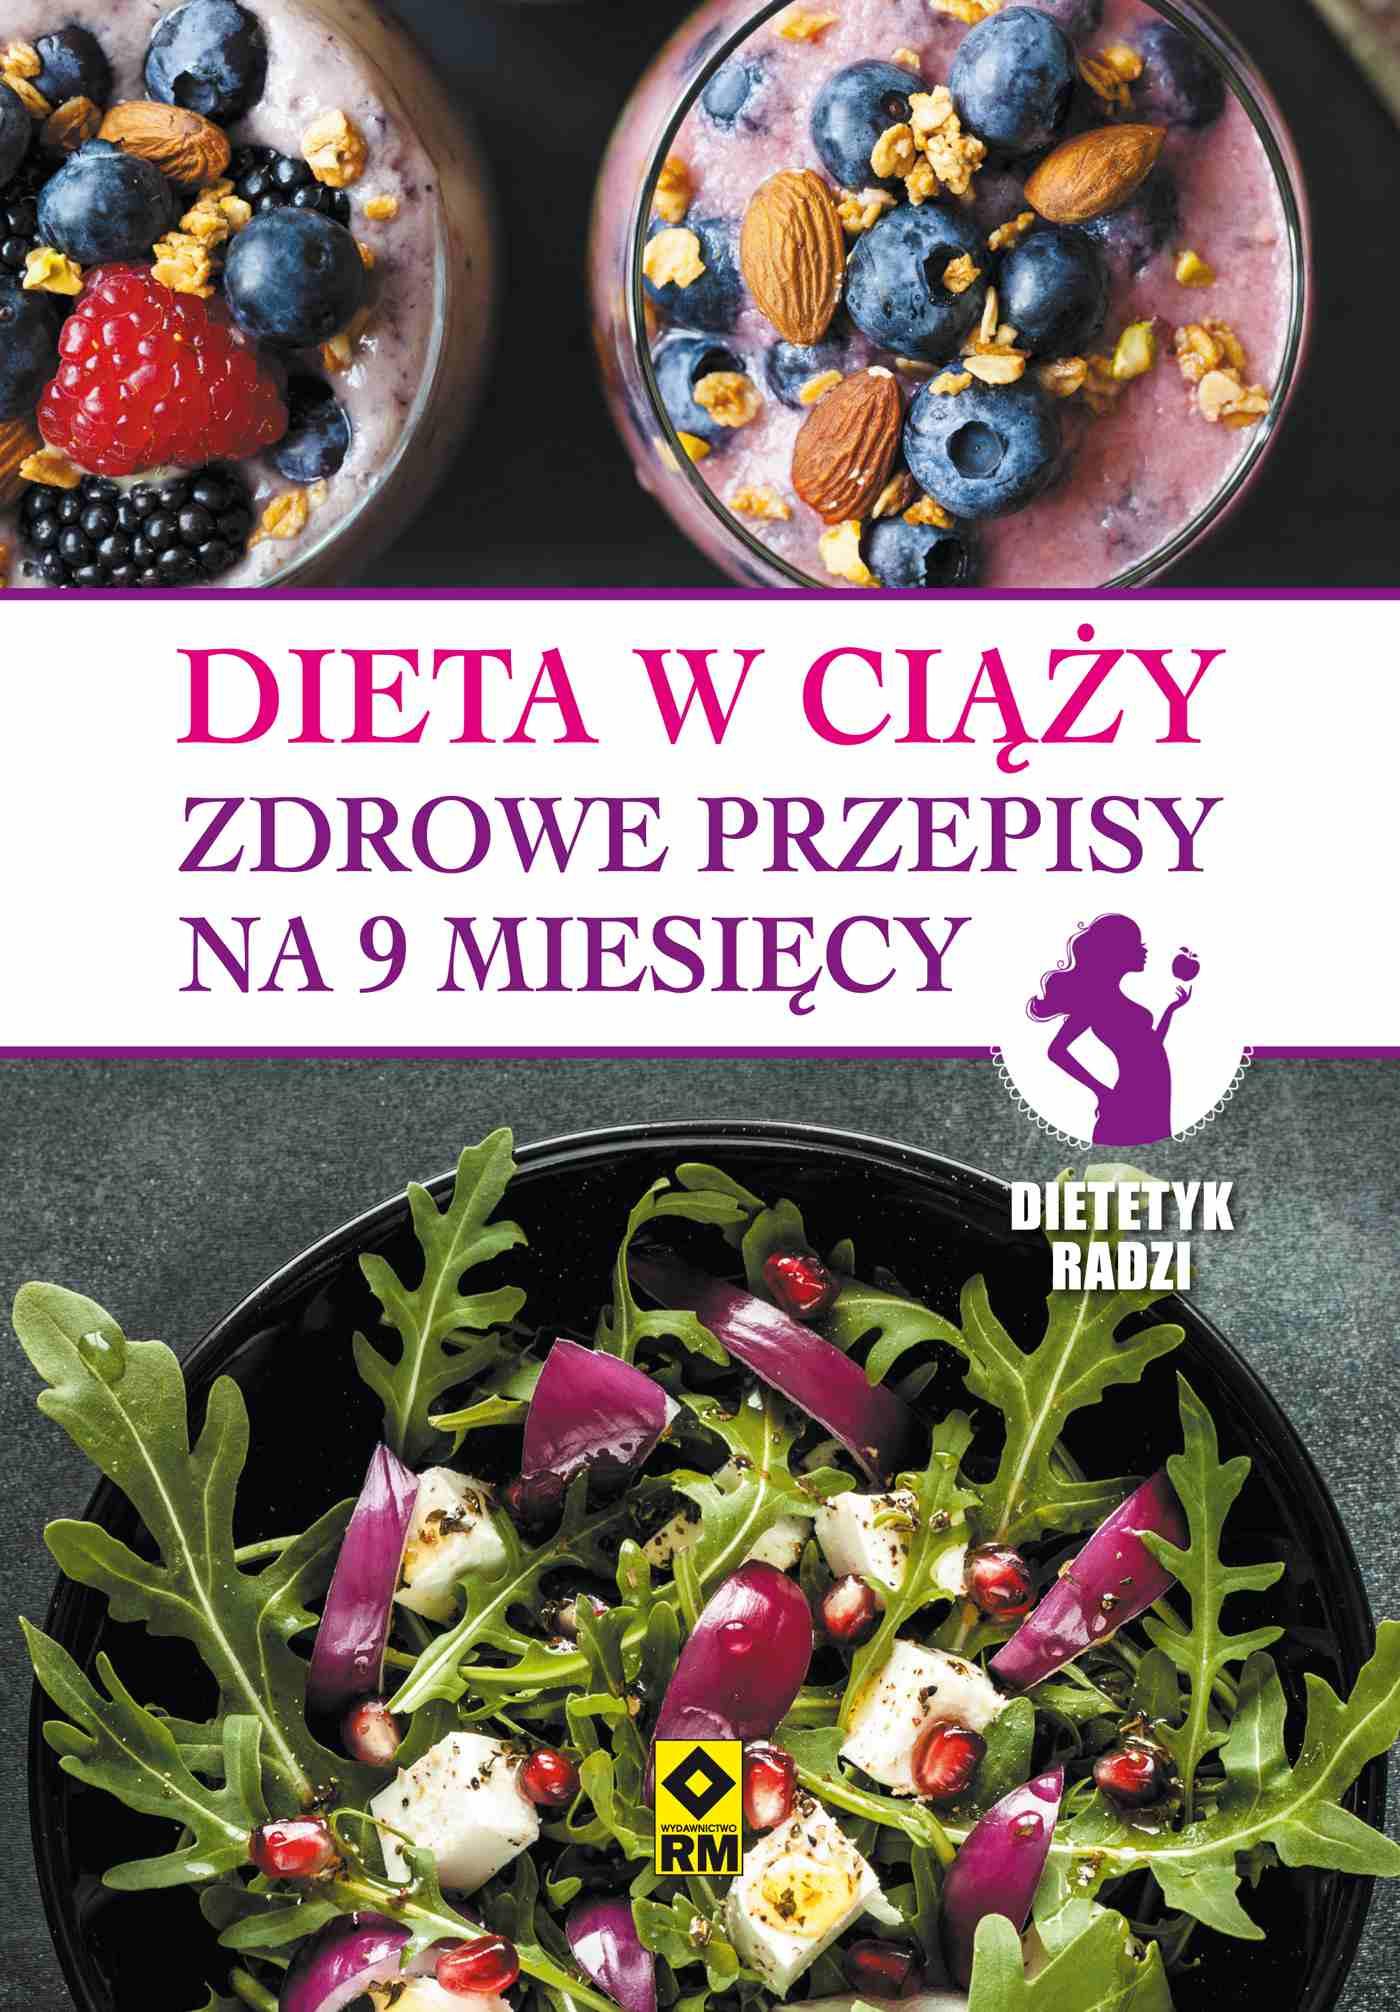 Dieta w ciąży. Zdrowe przepisy na 9 miesięcy - Ebook (Książka PDF) do pobrania w formacie PDF